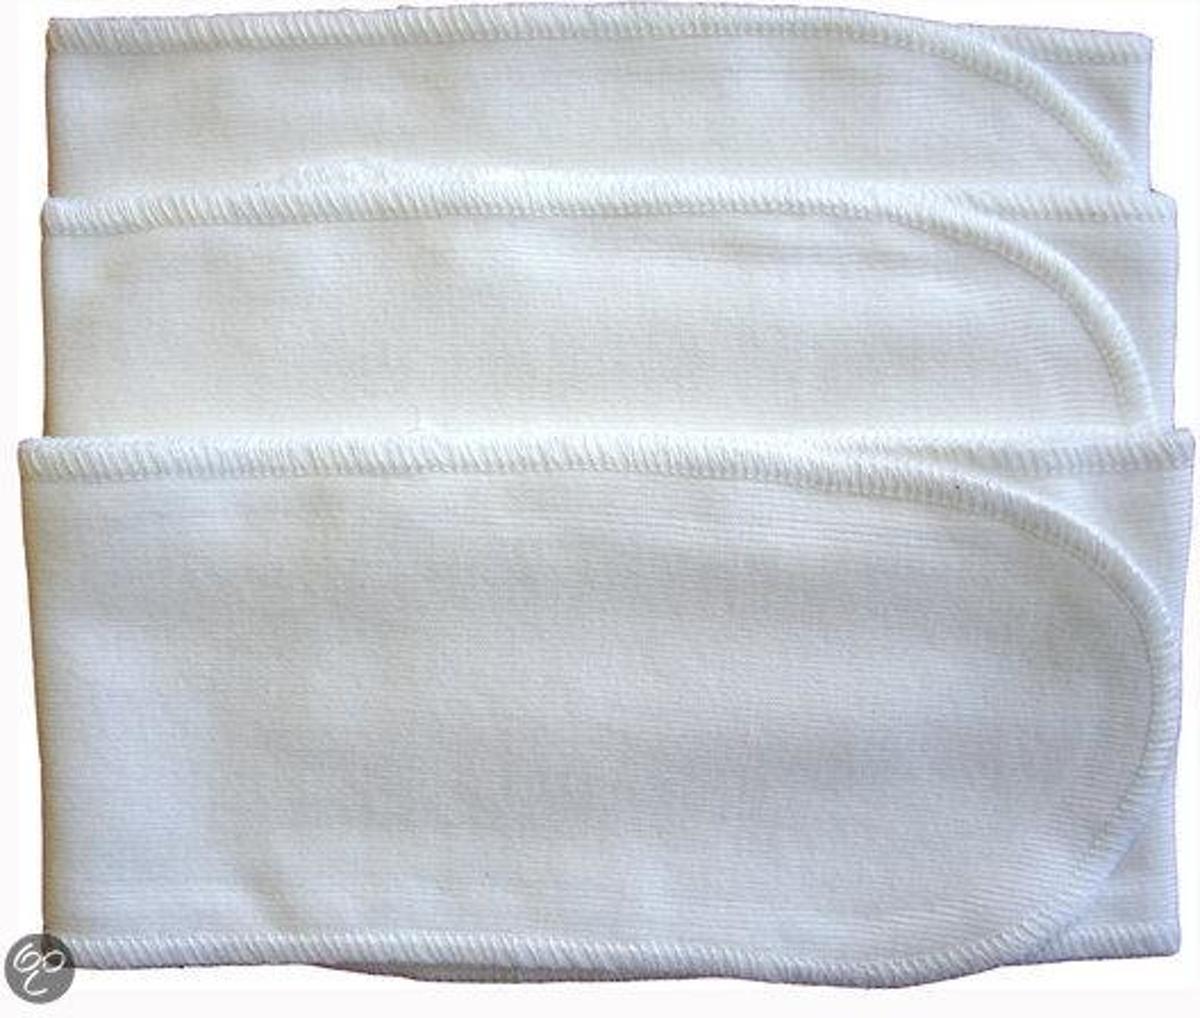 Bolcom Isi Mini Baby Uitzetpakket Basis Wit